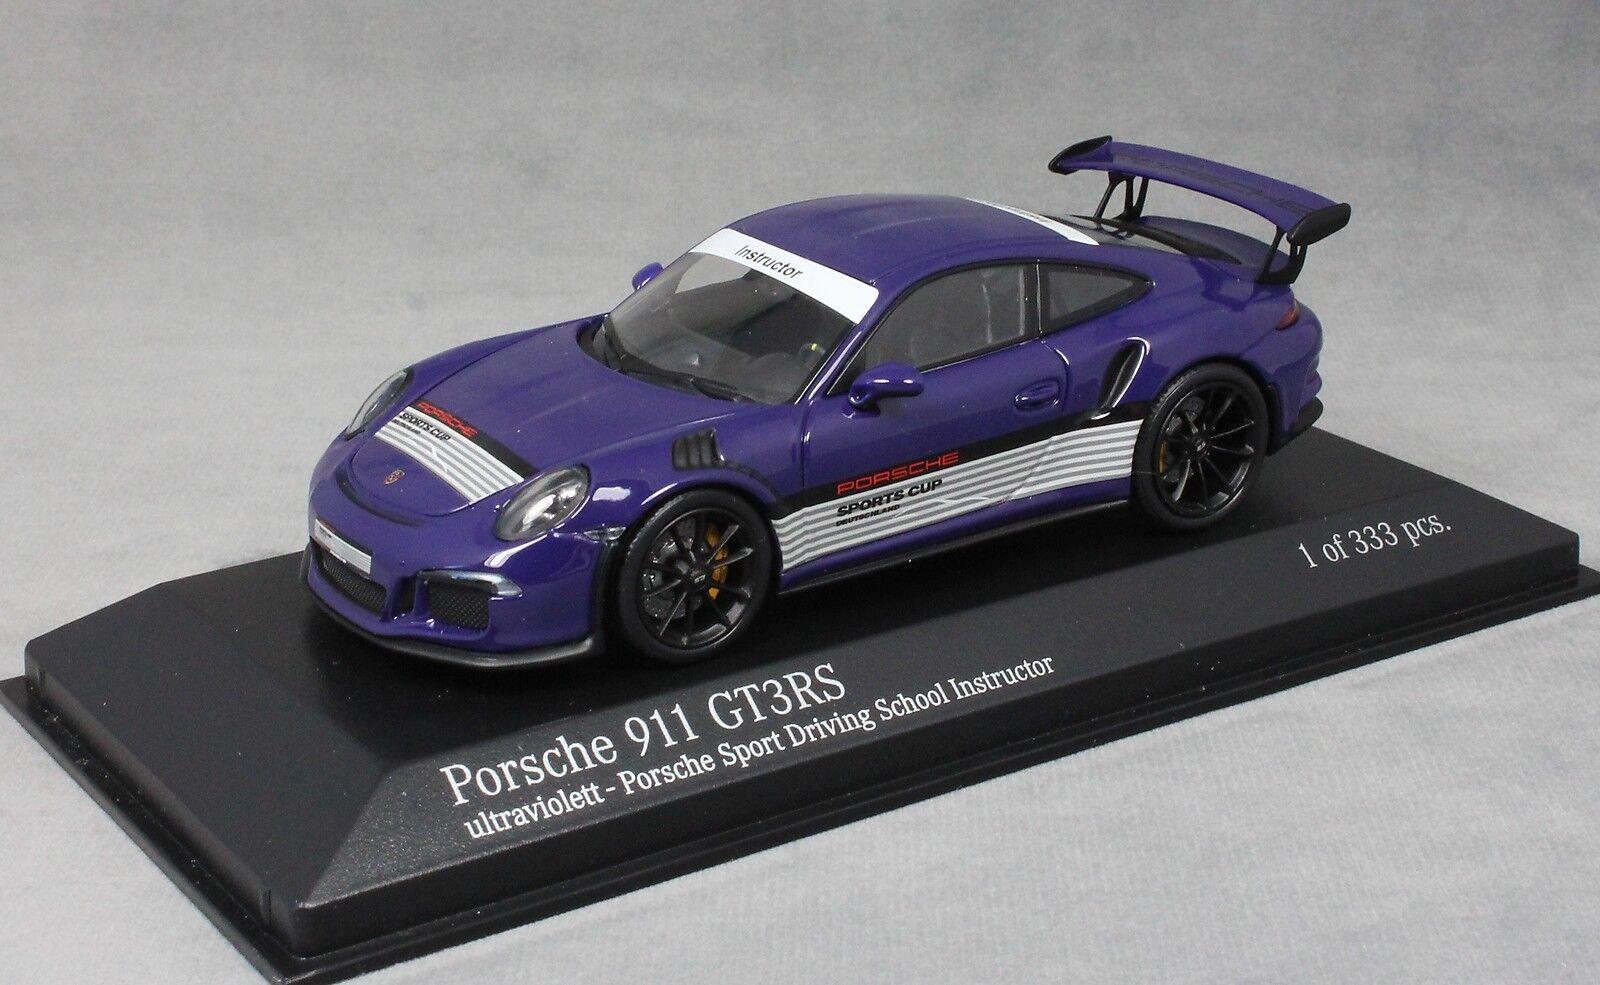 Minichamps Porsche 911 GT3RS PORSCHE sport école de conduite Ultraviolet 413063256